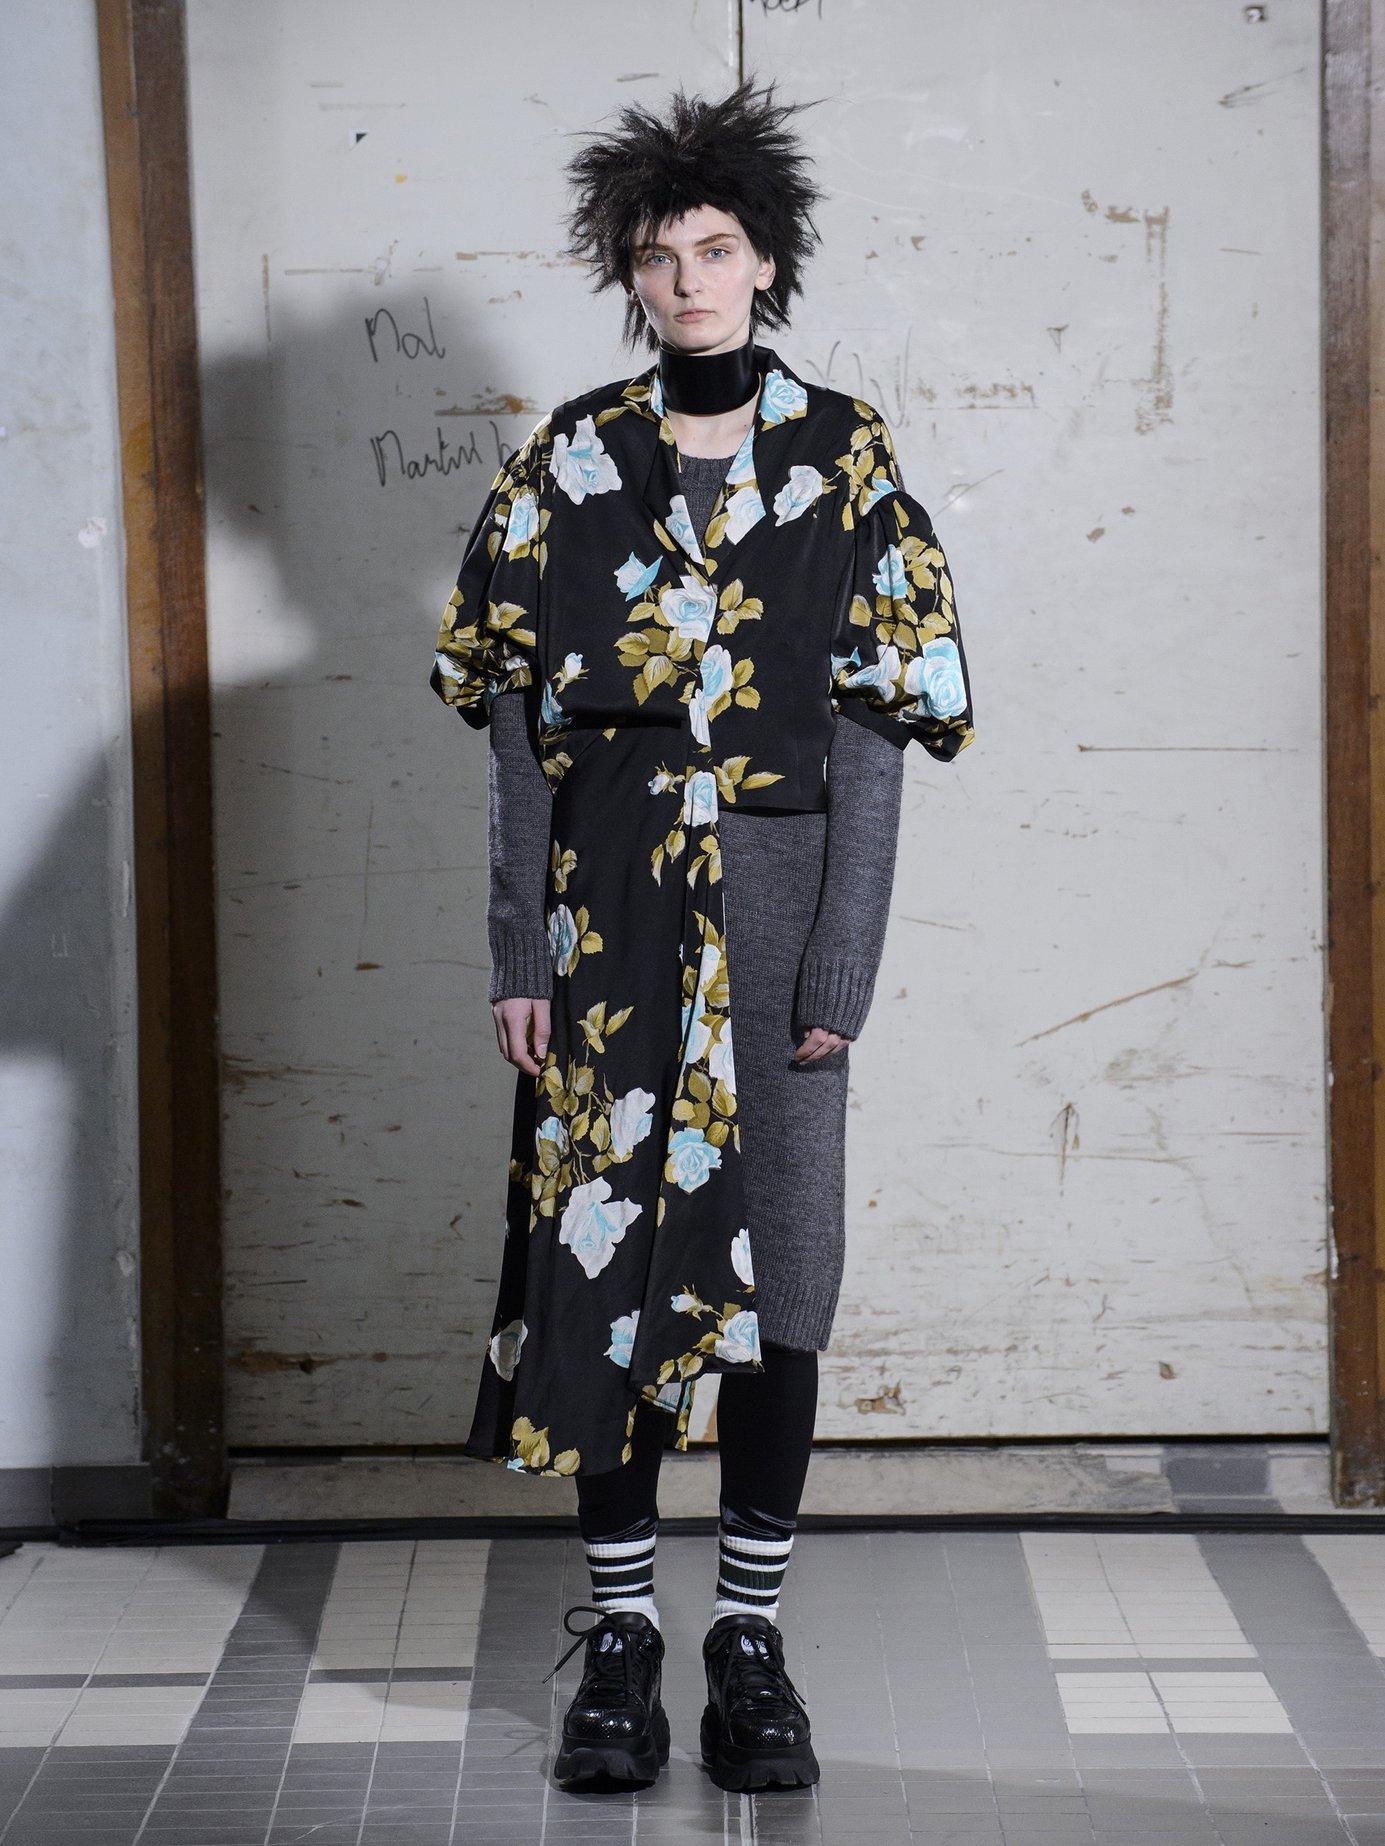 Floral-print satin and wool dress by Junya Watanabe